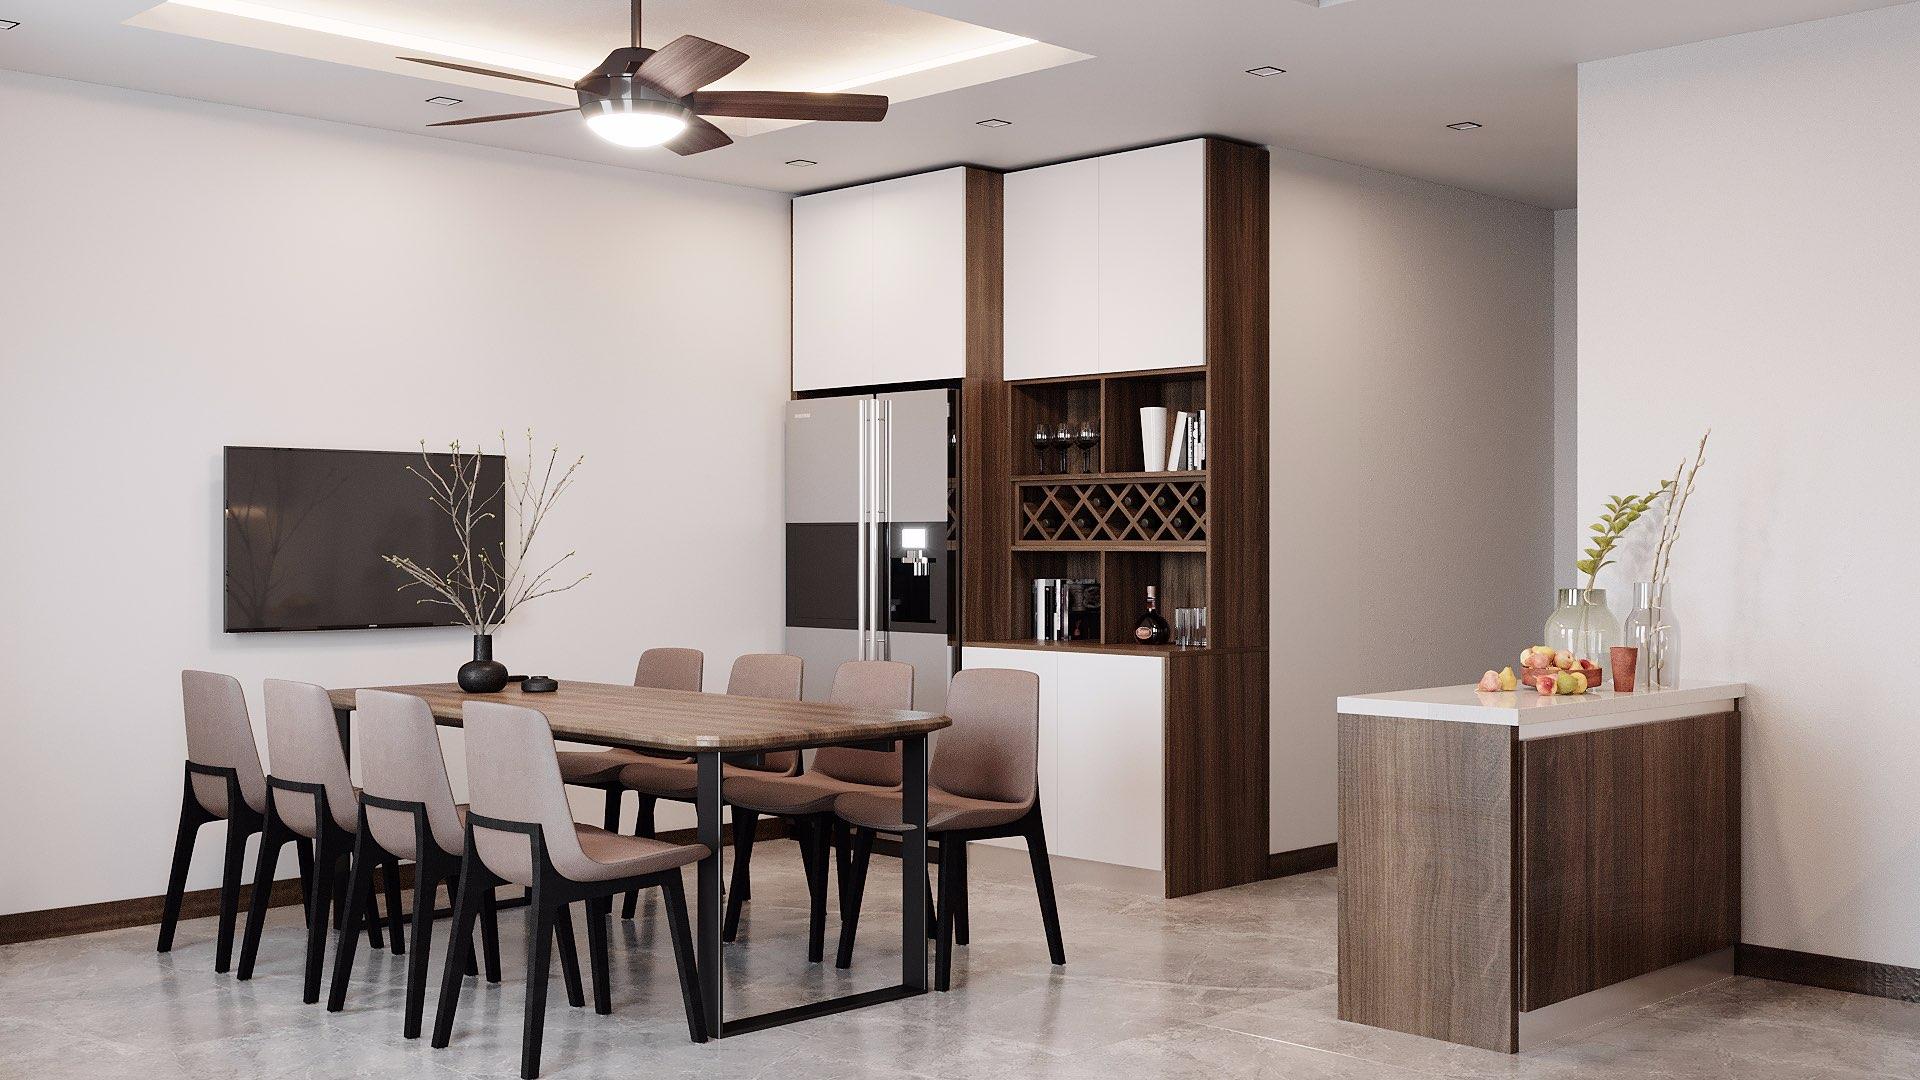 Bạn có thể lựa chọn mẫu bếp kịch trần để tăng thêm khả năng lưu trữ các vật dụng và đảm bảo tính thẩm mỹ cho không gian.